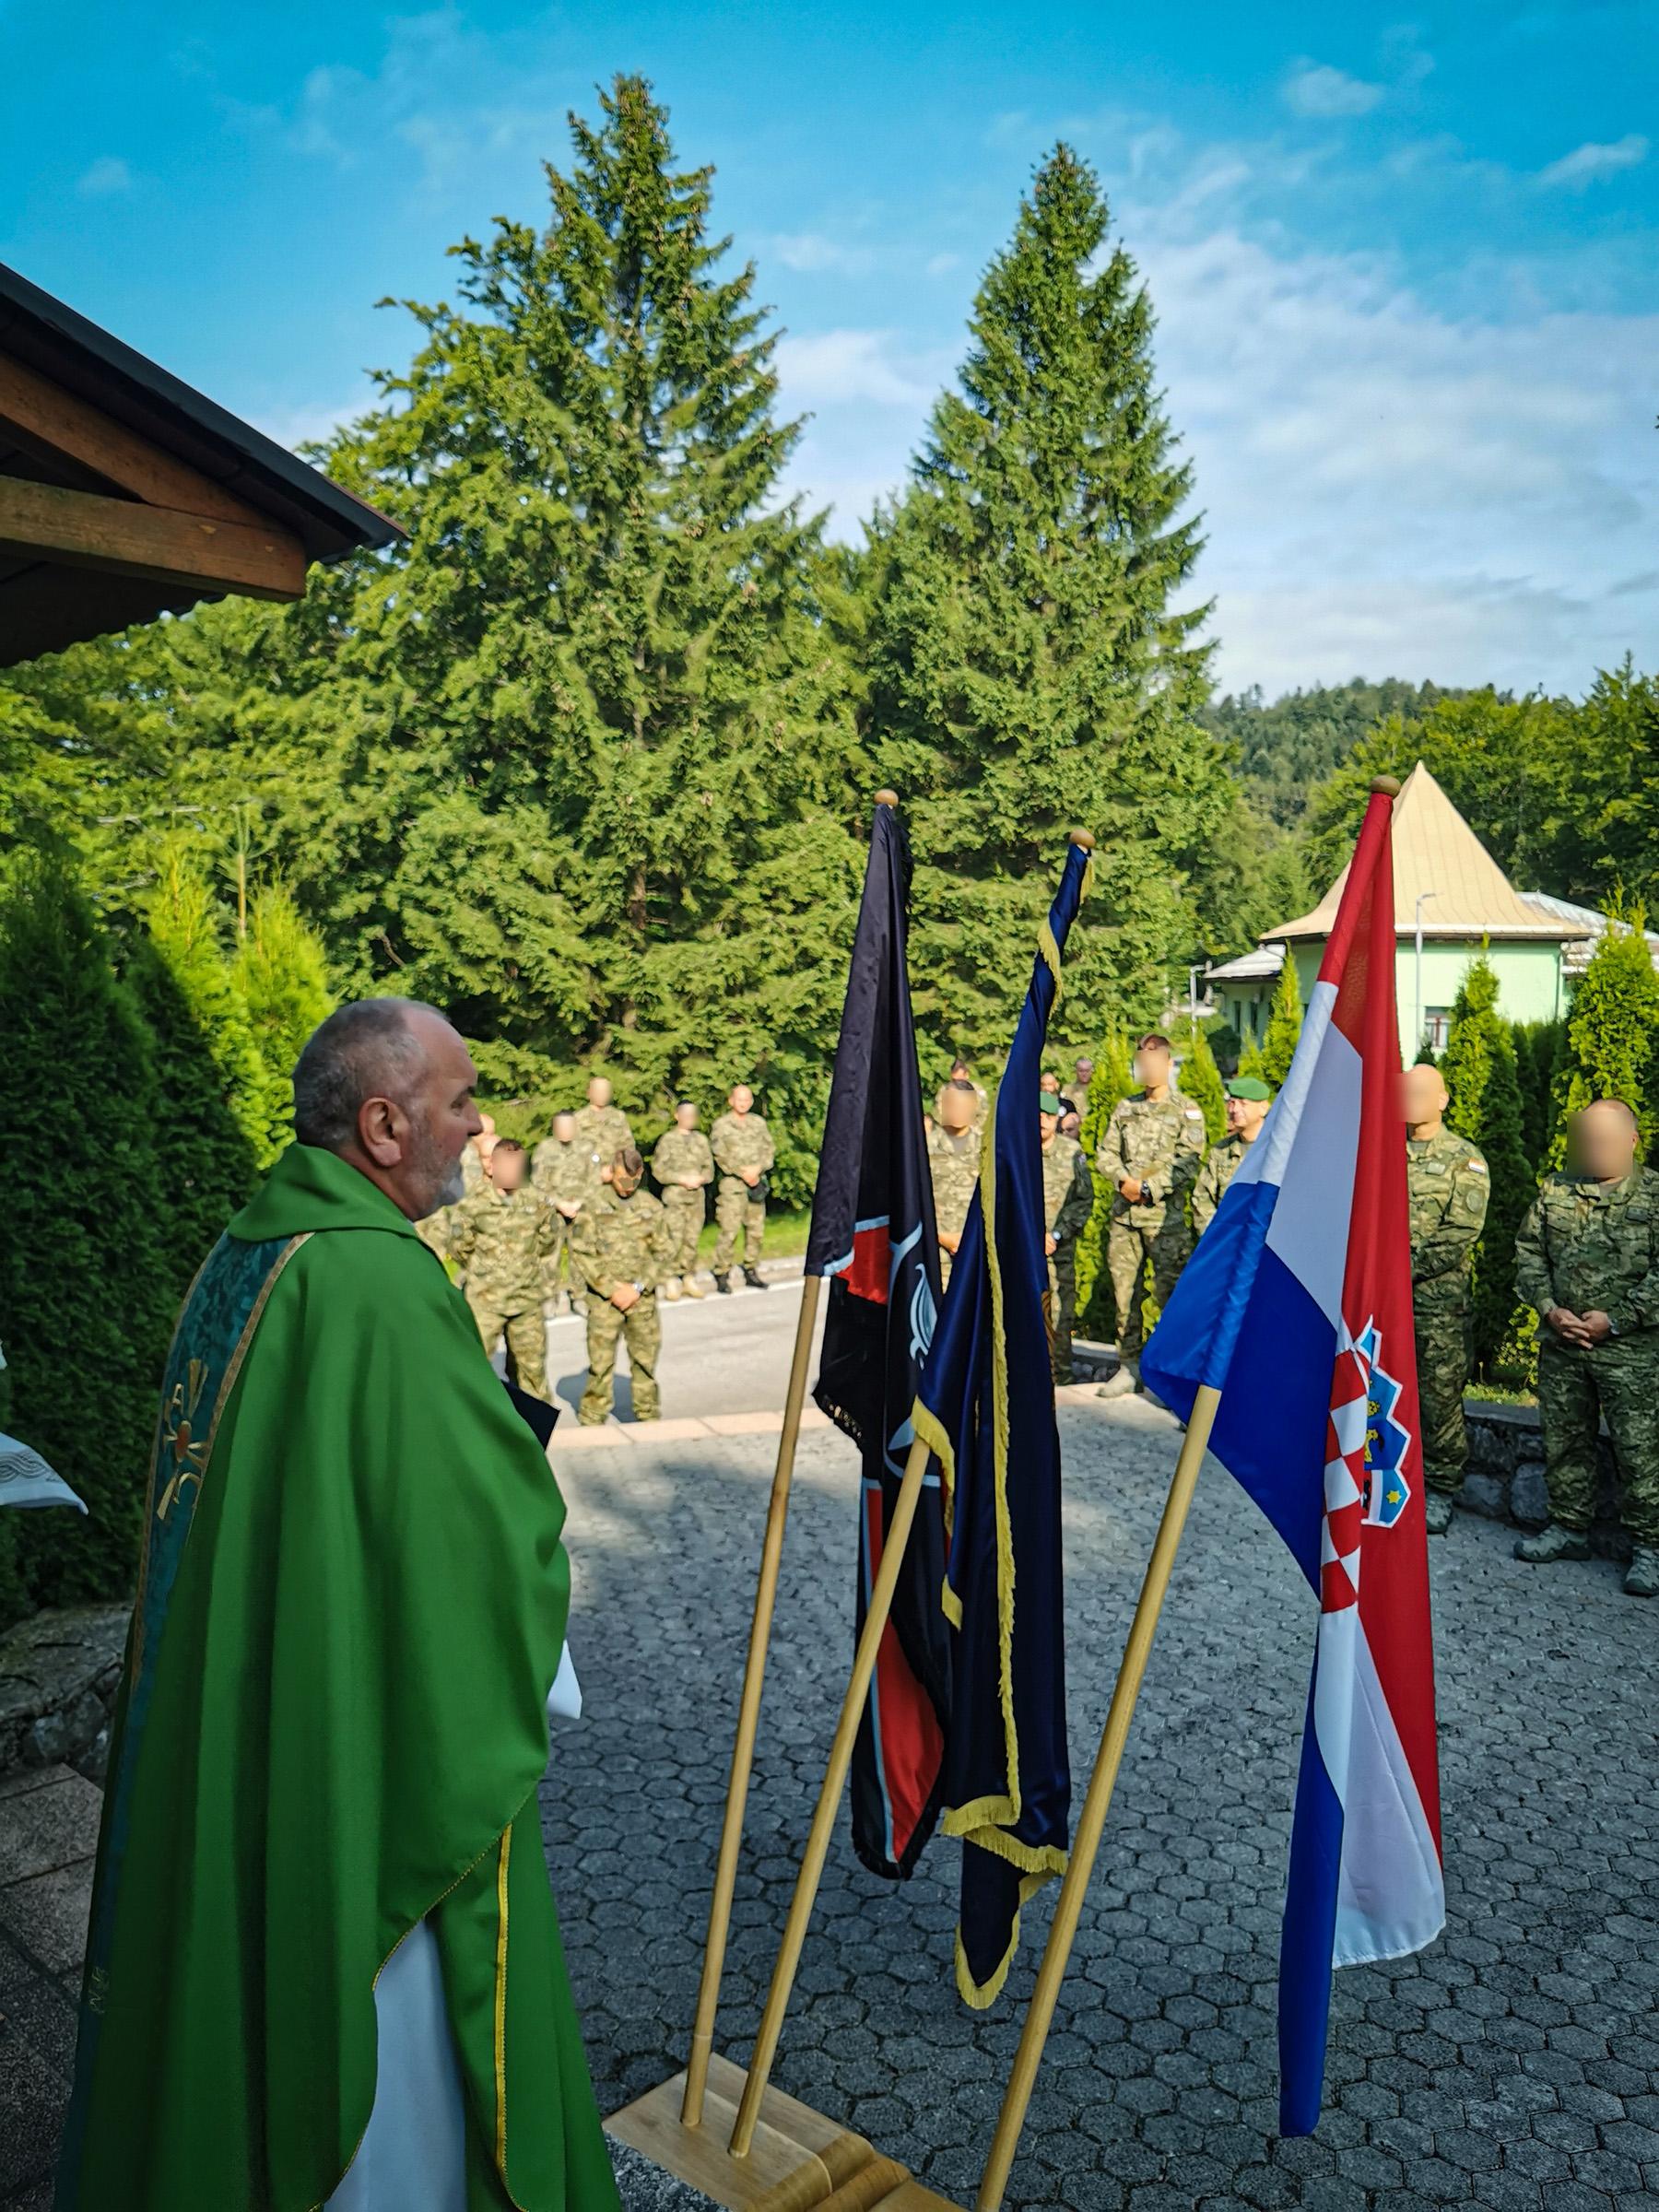 Obilježena prva godišnjica pogibije sk Josipa Briškog